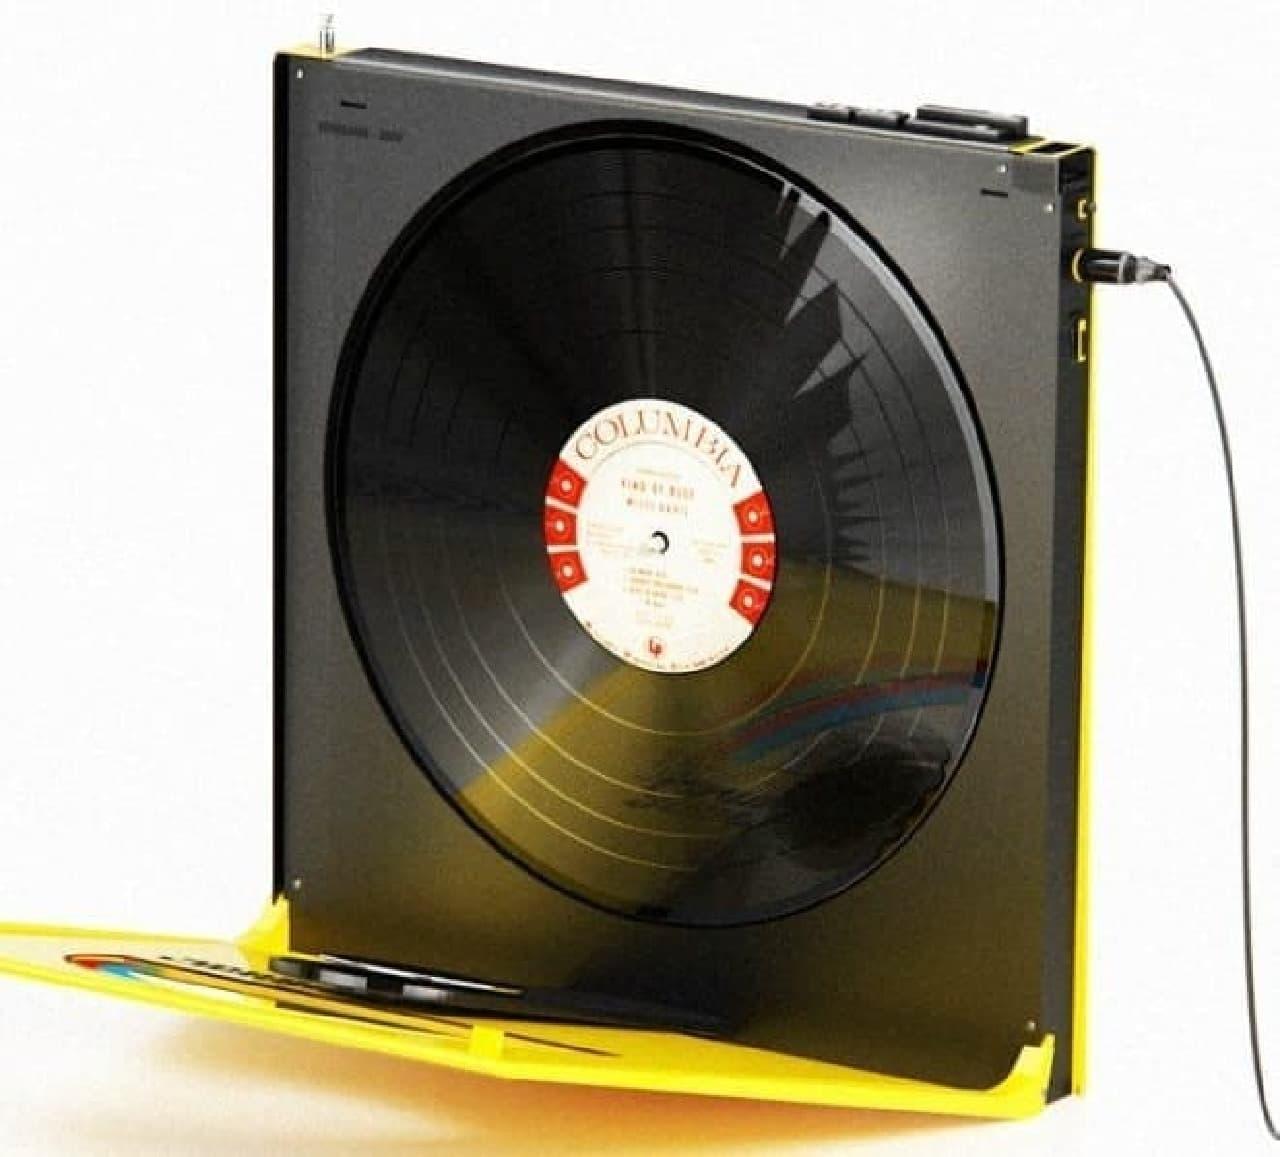 縦型ポータブルレコードプレーヤー「Rawman 3000」